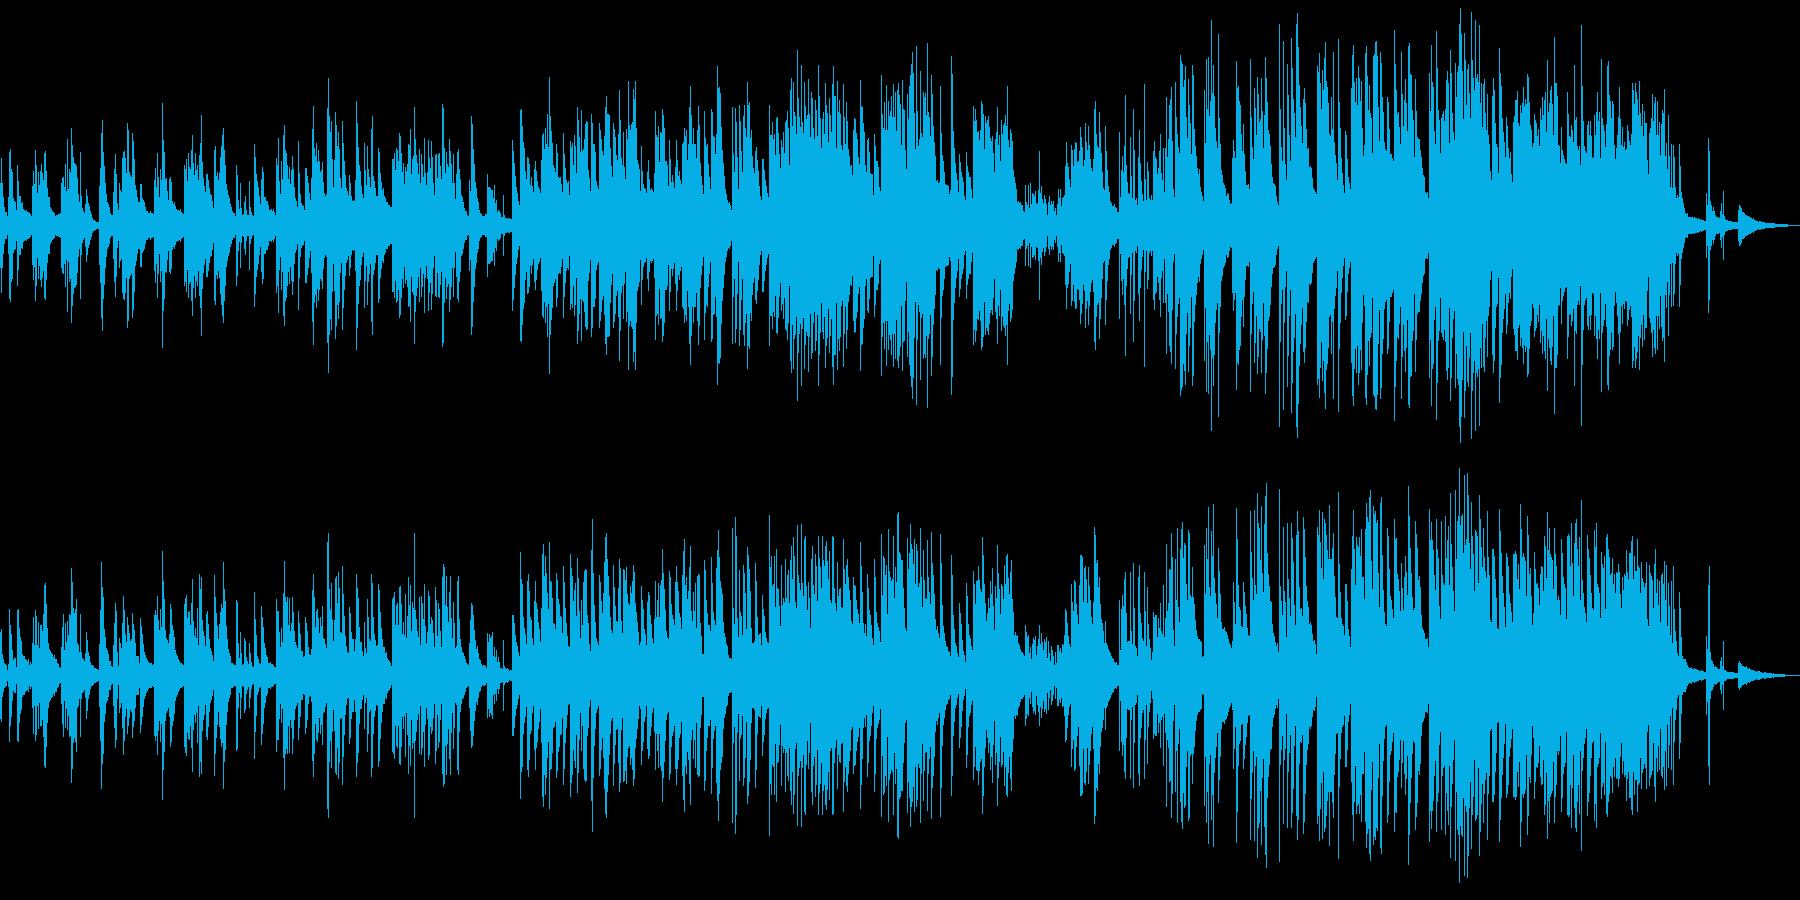 心が通じ合うような充足感のあるピアノソロの再生済みの波形